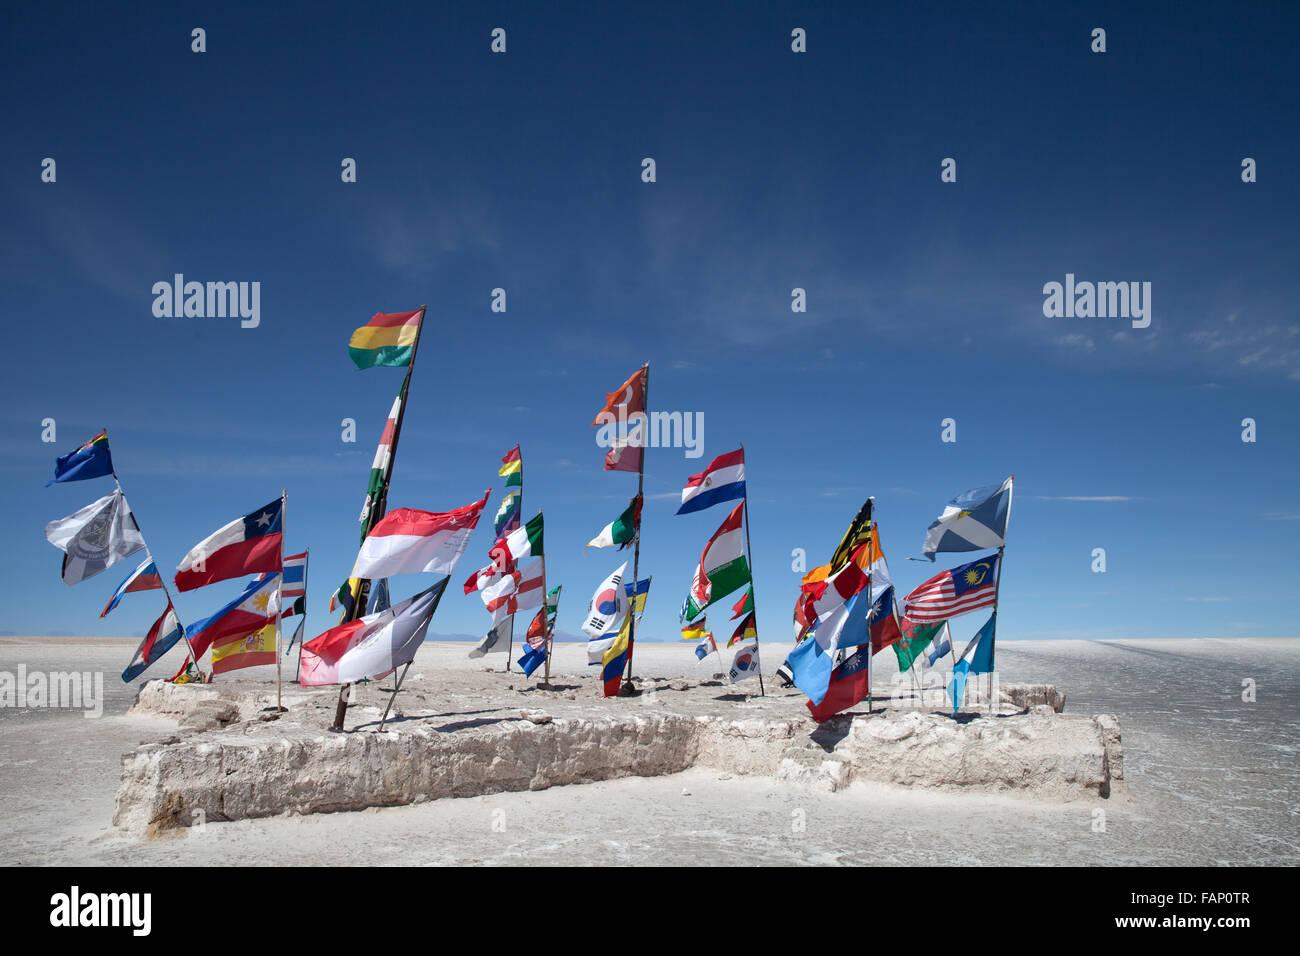 Banderas de diferentes países volar desde puestos en el Salar de Uyuni (Salar de Uyuni) en Bolivia Imagen De Stock